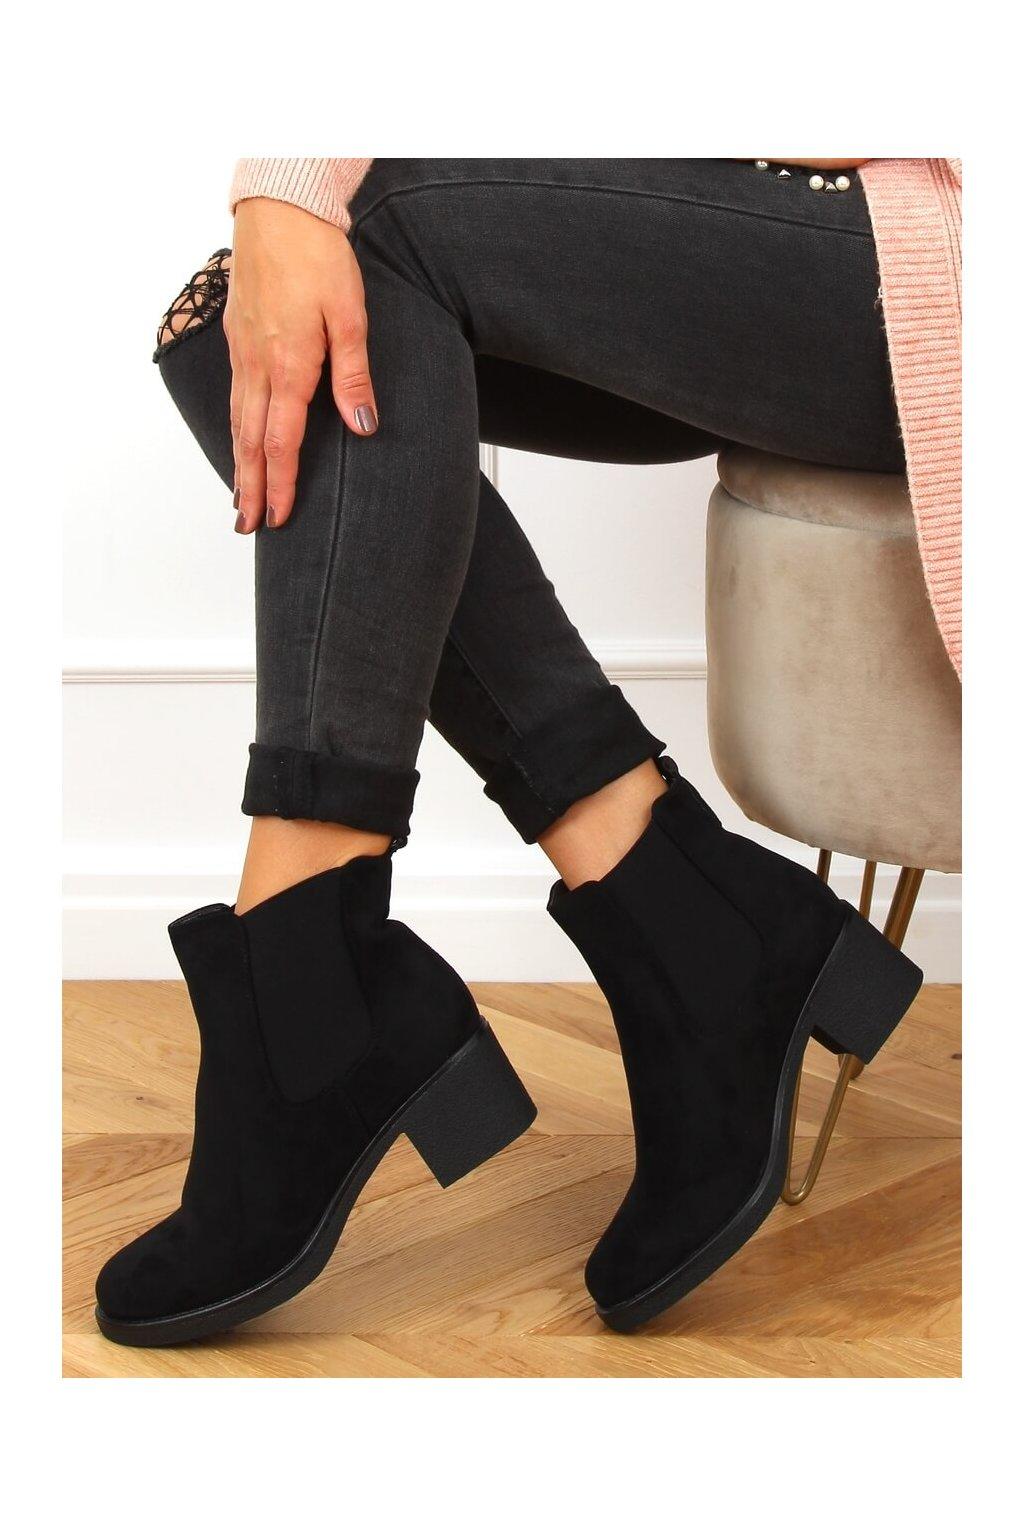 Dámske členkové topánky čierne na širokom podpätku SP102